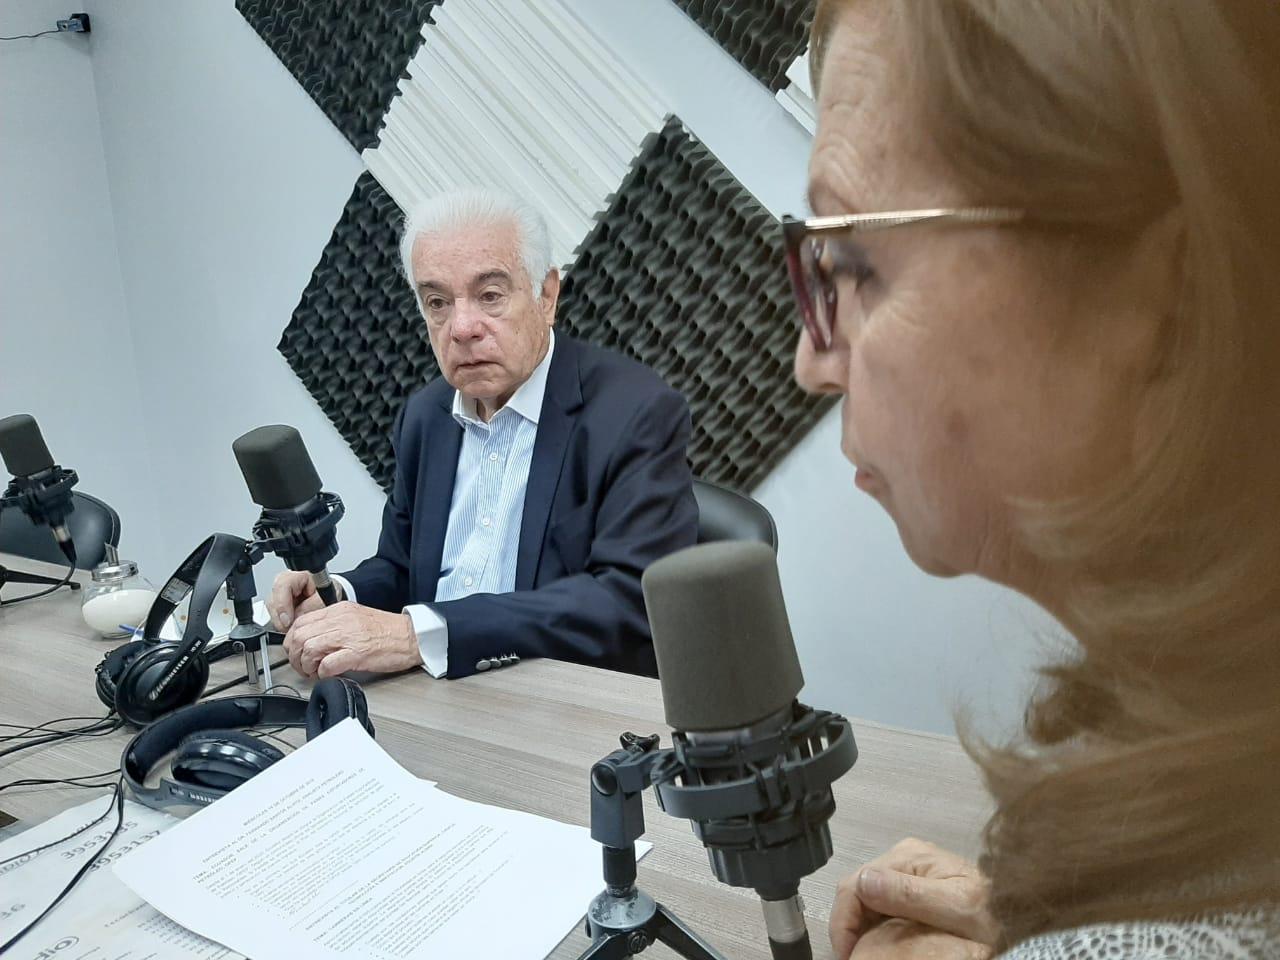 Fernando Santos Alvite: Salida de Ecuador de la OPEP